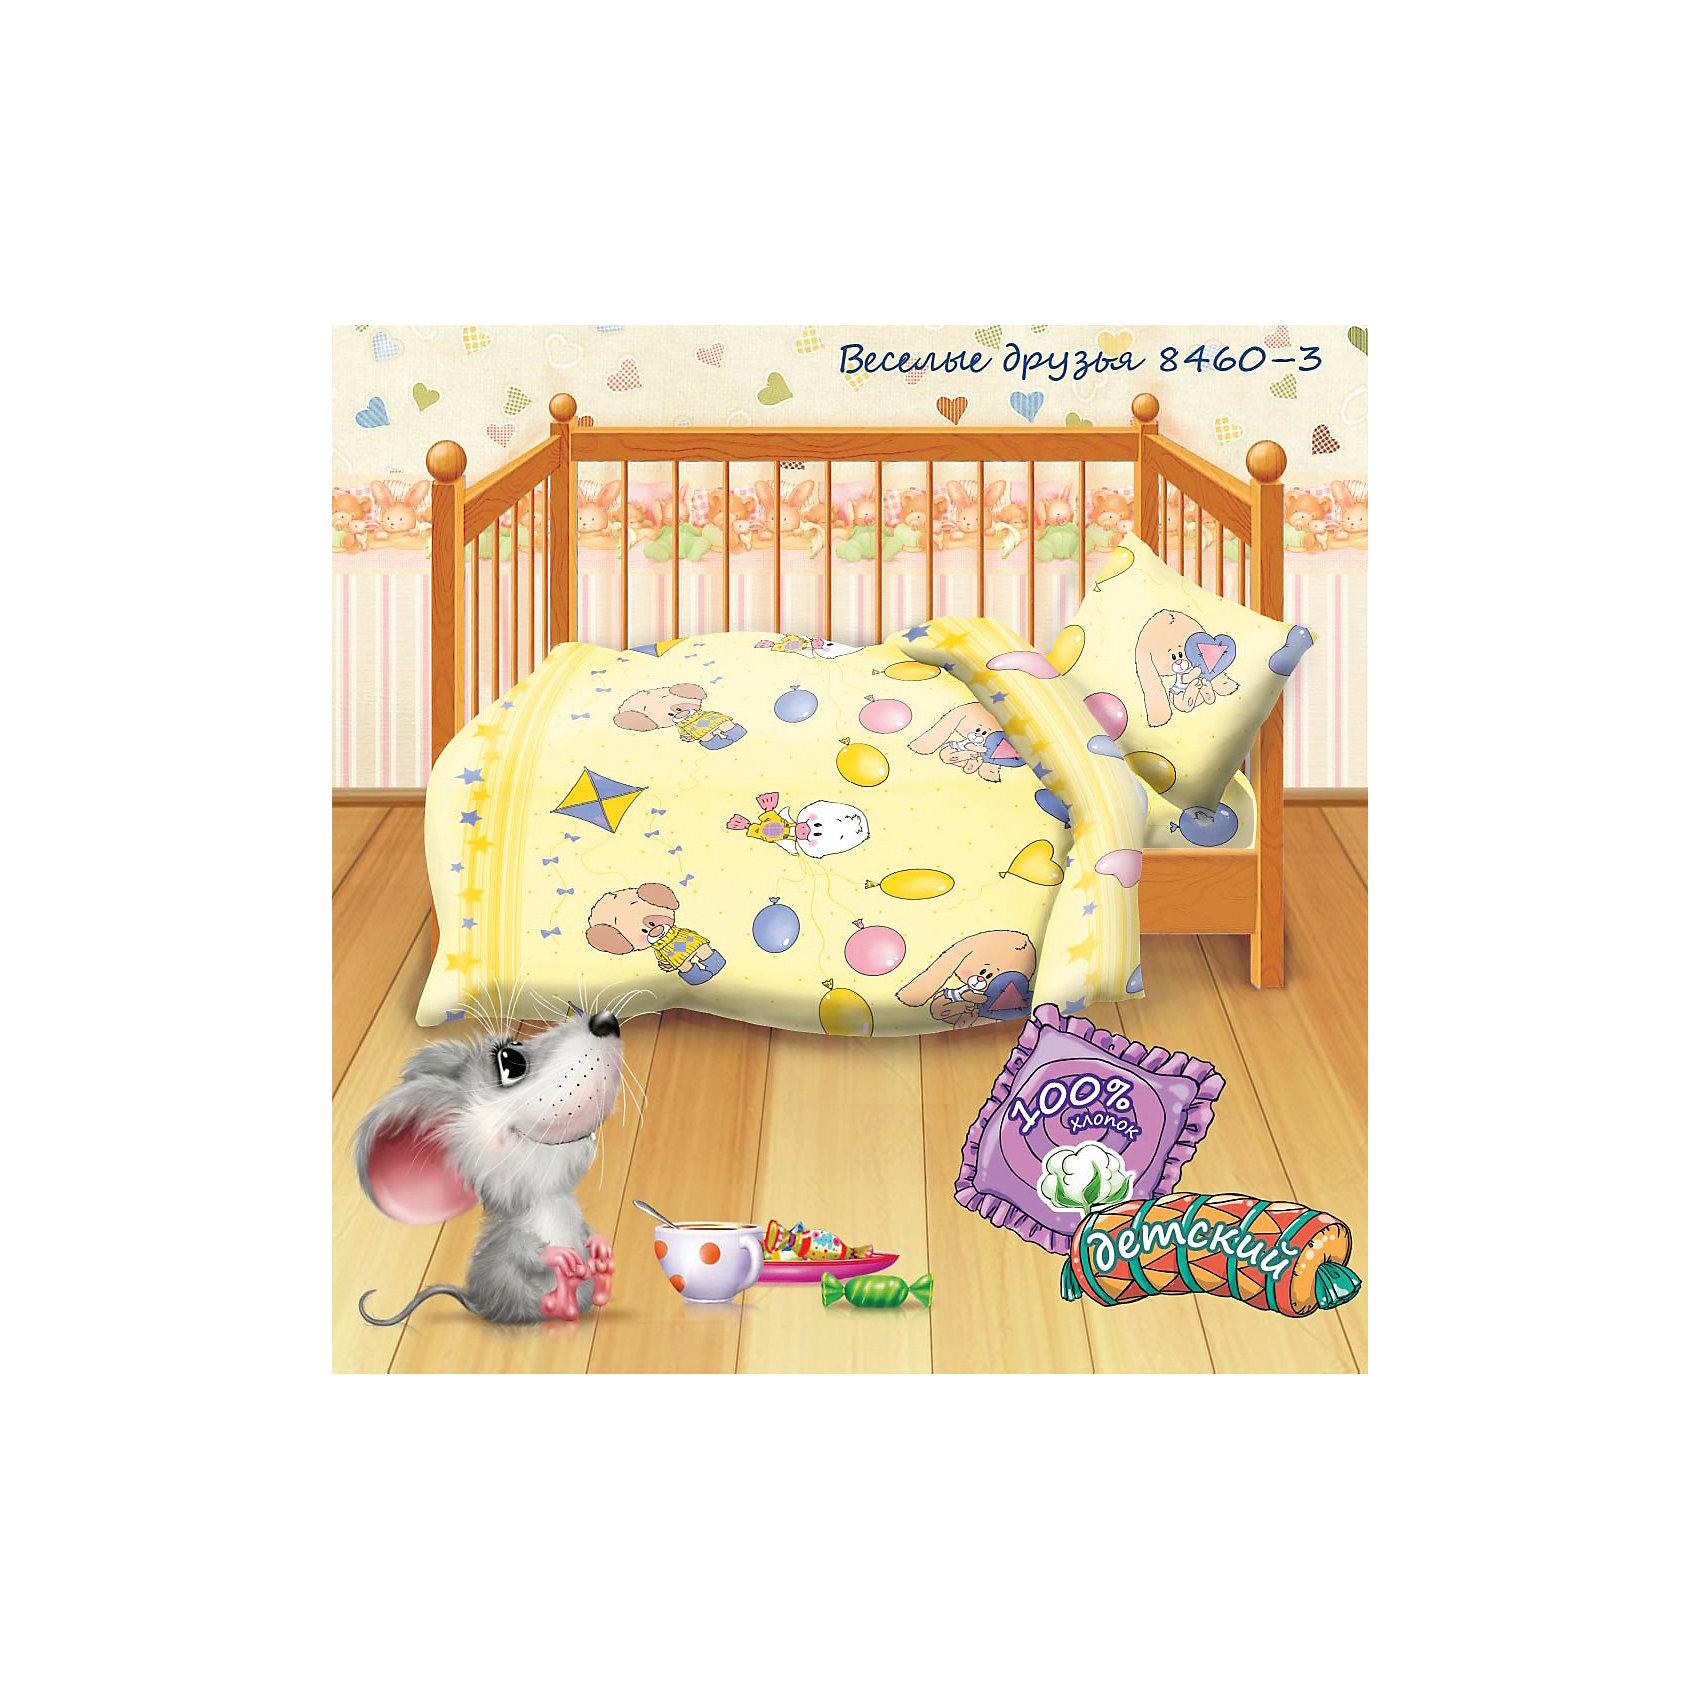 Детский комплект Веселые друзья, Кошки-мышкиПостельное бельё<br>Очаровательный комплект постельного белья принесет в кроватку ребенка уют и добрые сны. Изготовлен из натурального гипоаллергенного материала приятного к телу; не выцветает, не линяет во время стирки.<br><br>Дополнительная информация:<br><br>- Пододеяльник, простыня, наволочка (1 шт.)<br>- Размер: пододеяльник - 147х112, простыня -  150х110, наволочка 40х60.<br>- Материал: бязь (100% хлопок).<br>- Плотность ткани 115 г/м2<br>- Декоративные элементы: принт.<br><br>Детский комплект Веселые друзья, Кошки-мышки, можно купить в нашем магазине.<br><br>Ширина мм: 250<br>Глубина мм: 350<br>Высота мм: 70<br>Вес г: 1000<br>Возраст от месяцев: 0<br>Возраст до месяцев: 60<br>Пол: Унисекс<br>Возраст: Детский<br>SKU: 4358348